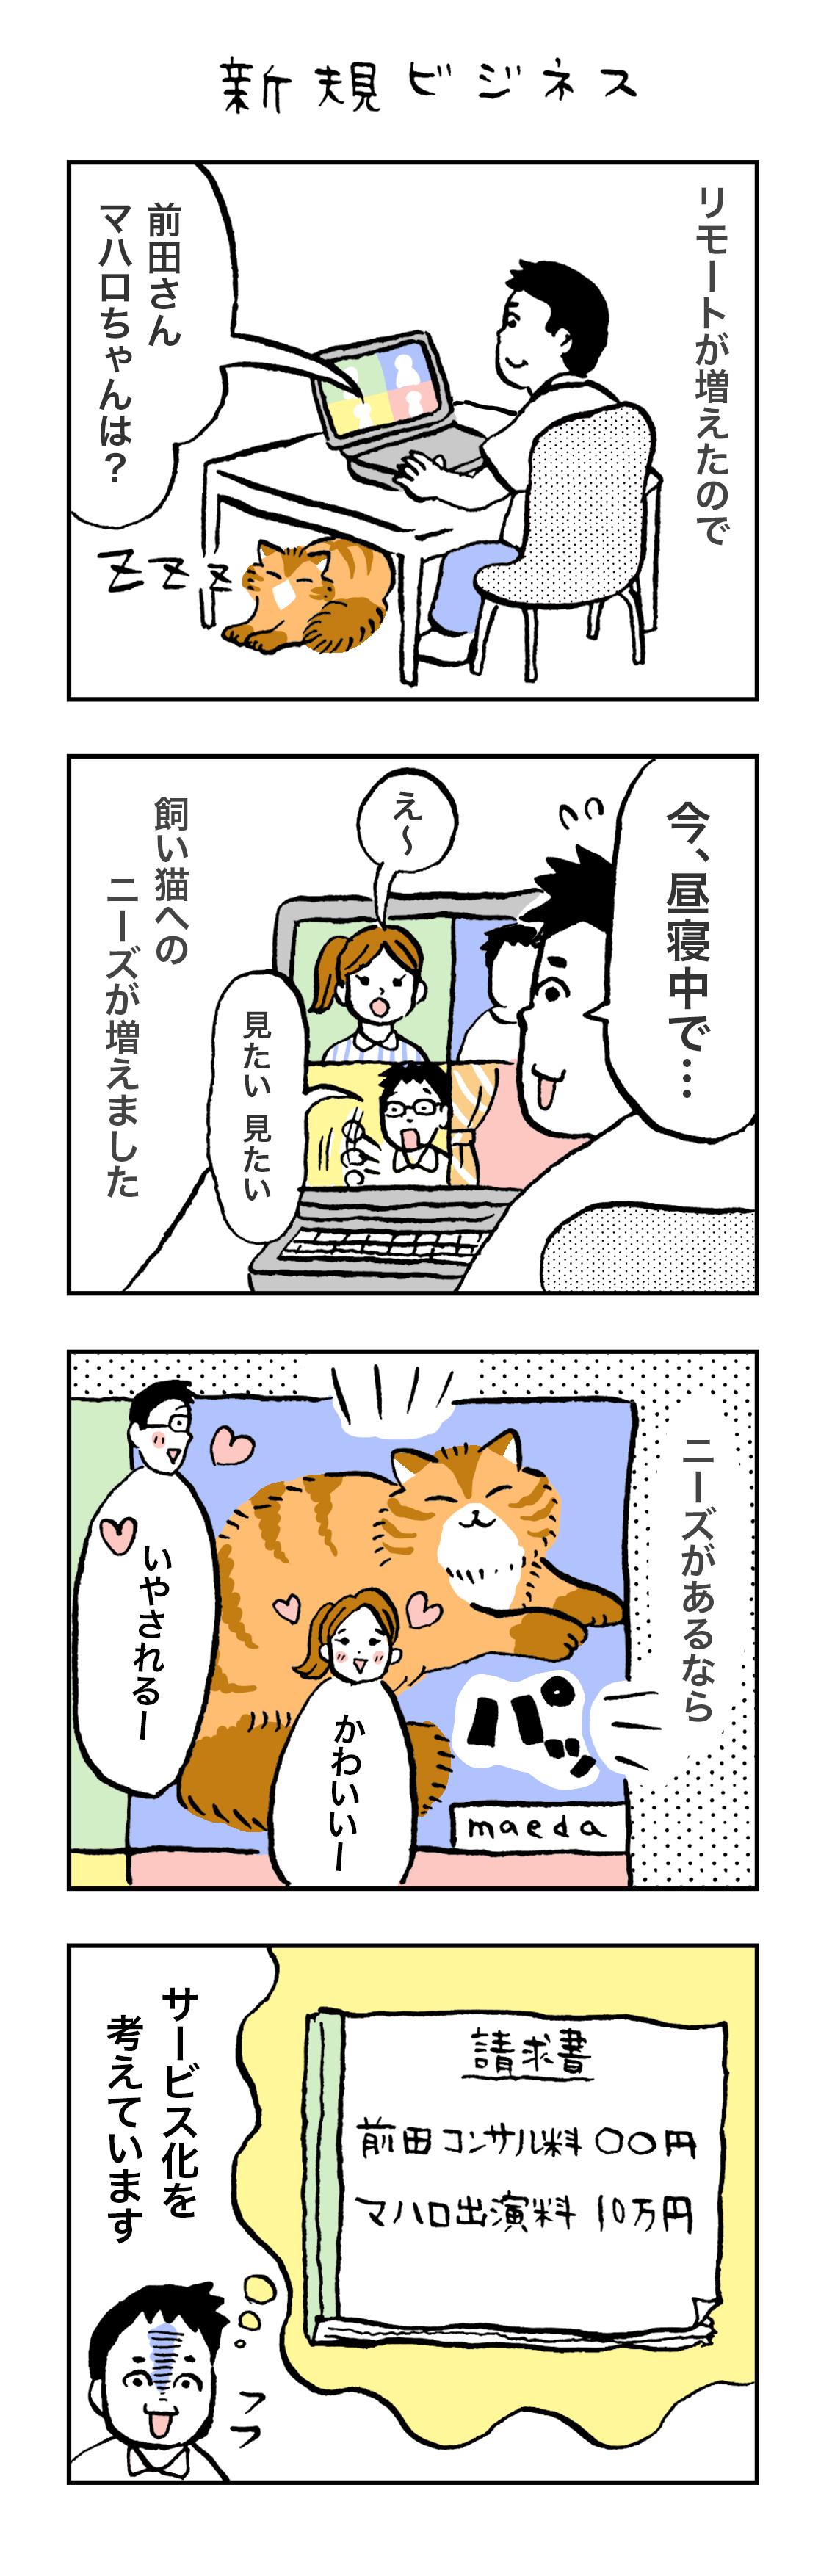 猫経理 新規ビジネス